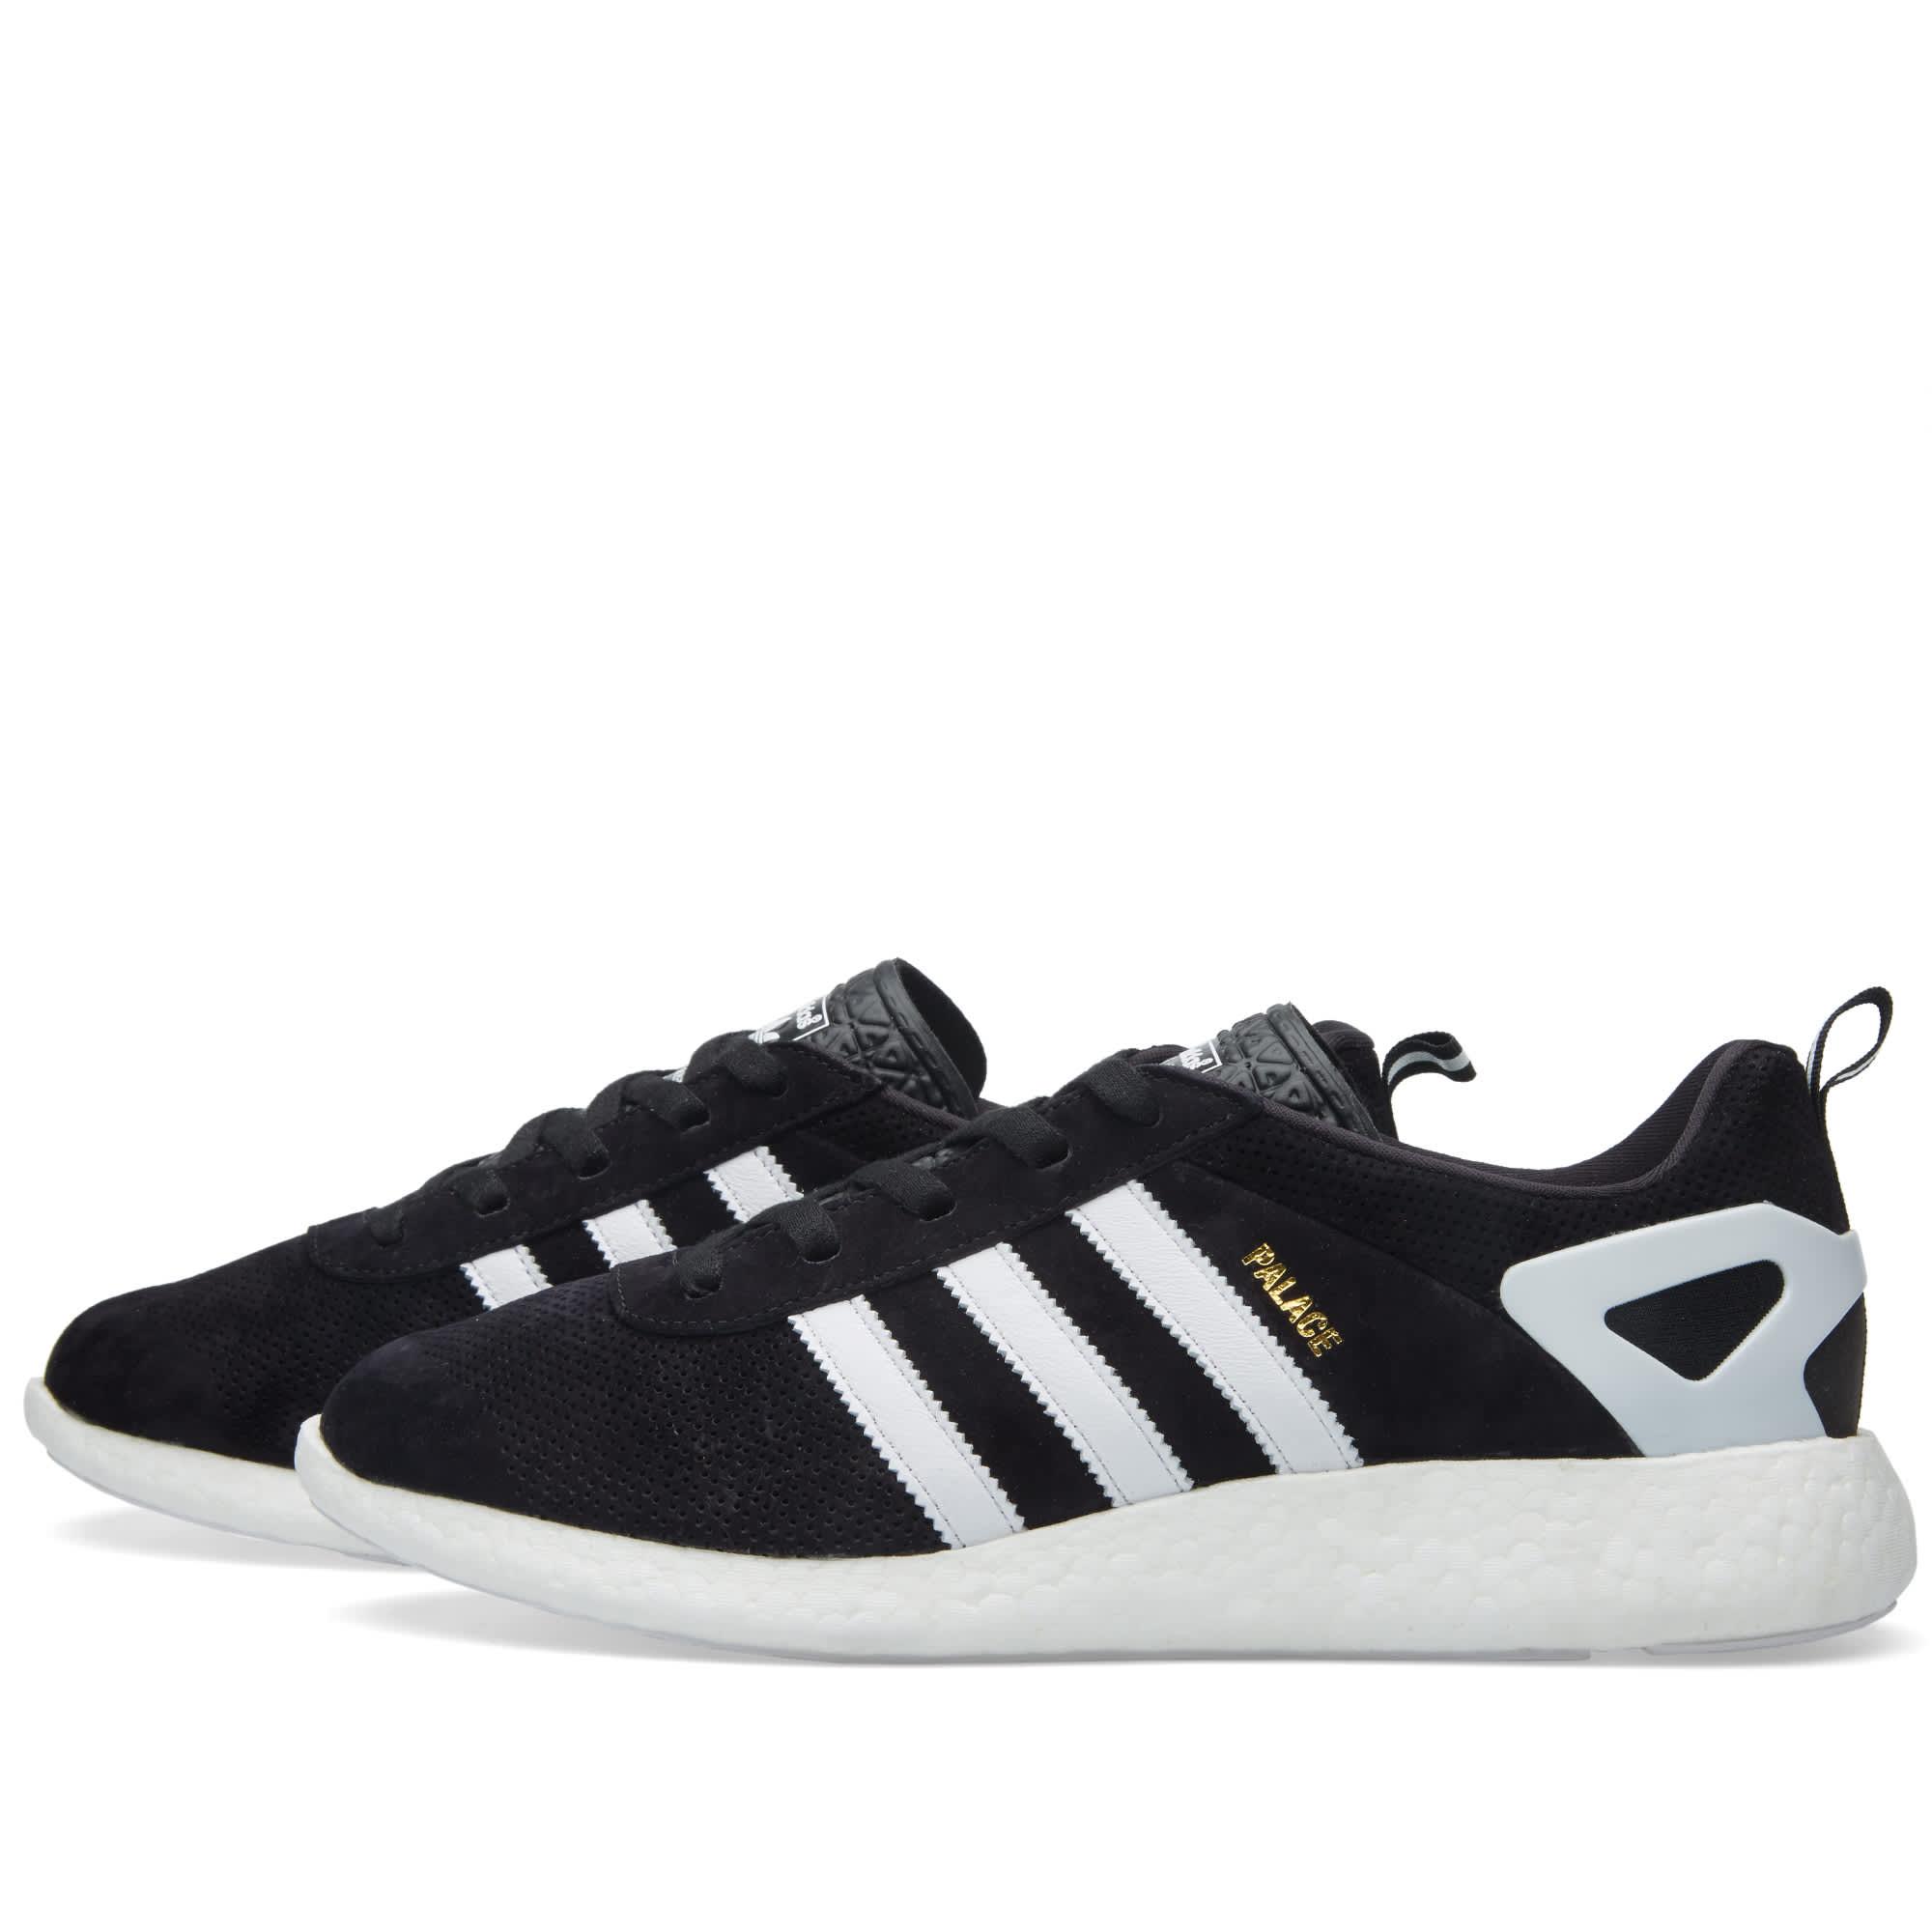 Adidas x Palace Pro Boost Core Black